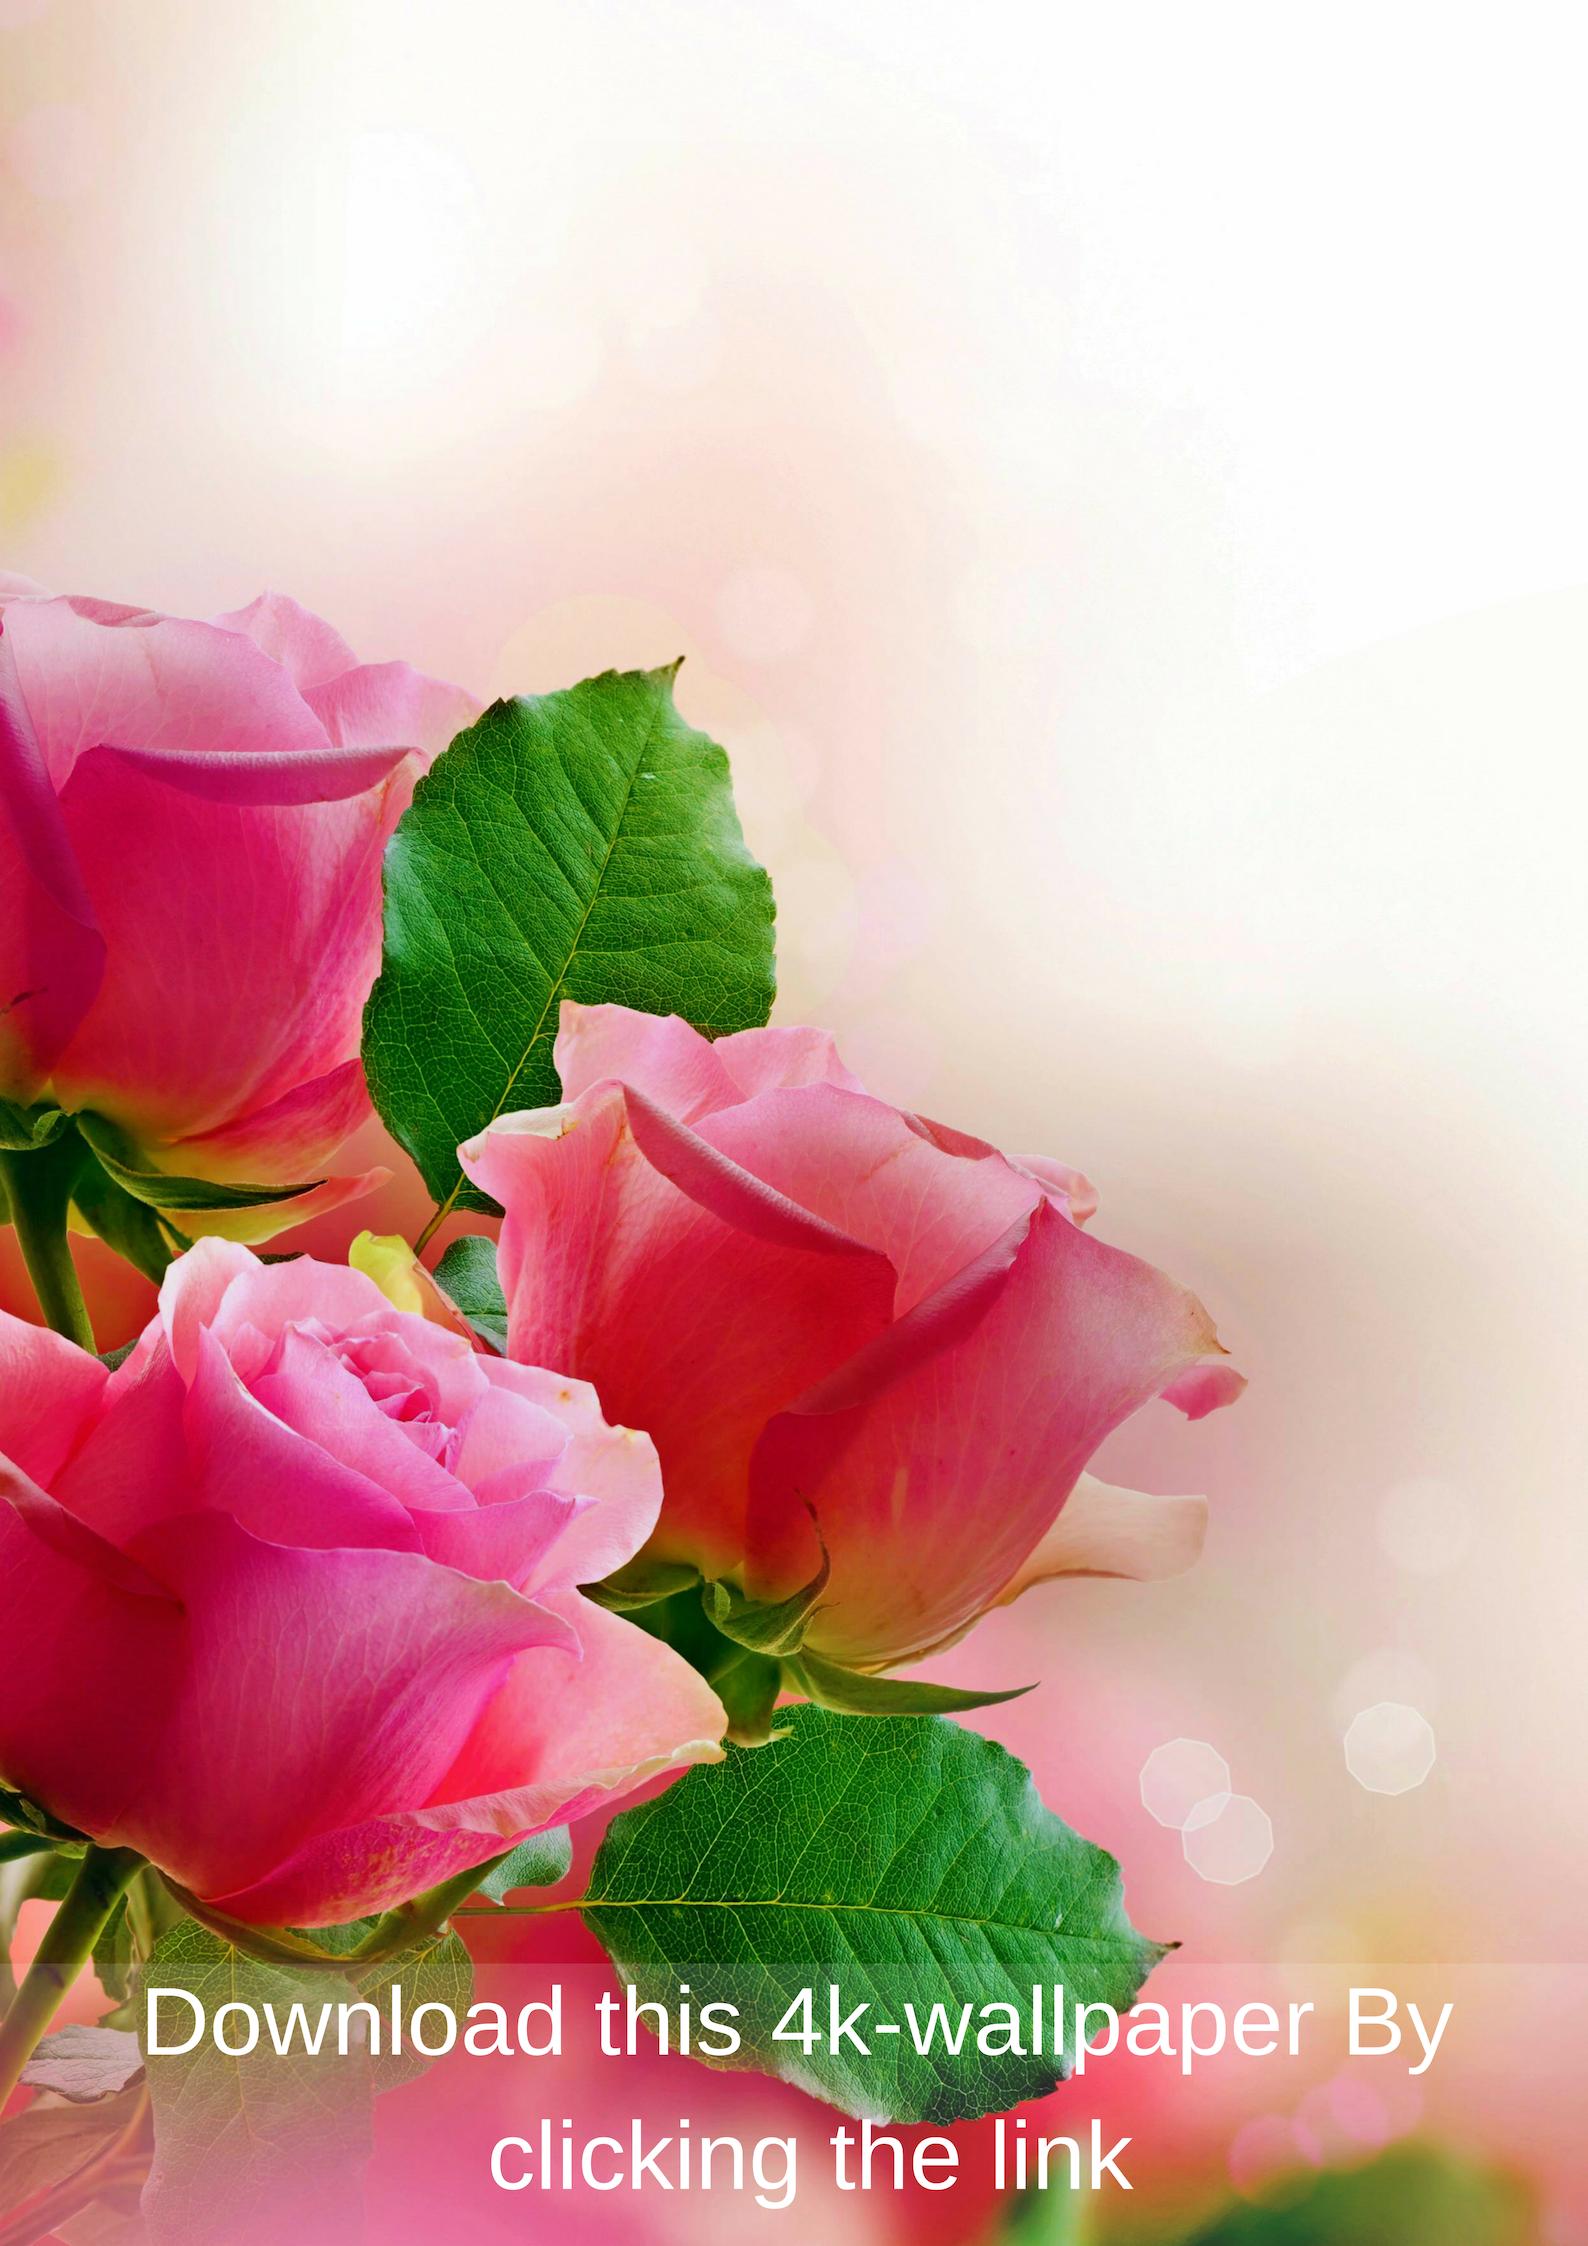 4k Mobile Wallpaper Free Download 10 Beautiful Flowers Wallpapers Flower Wallpaper Pink Roses Background